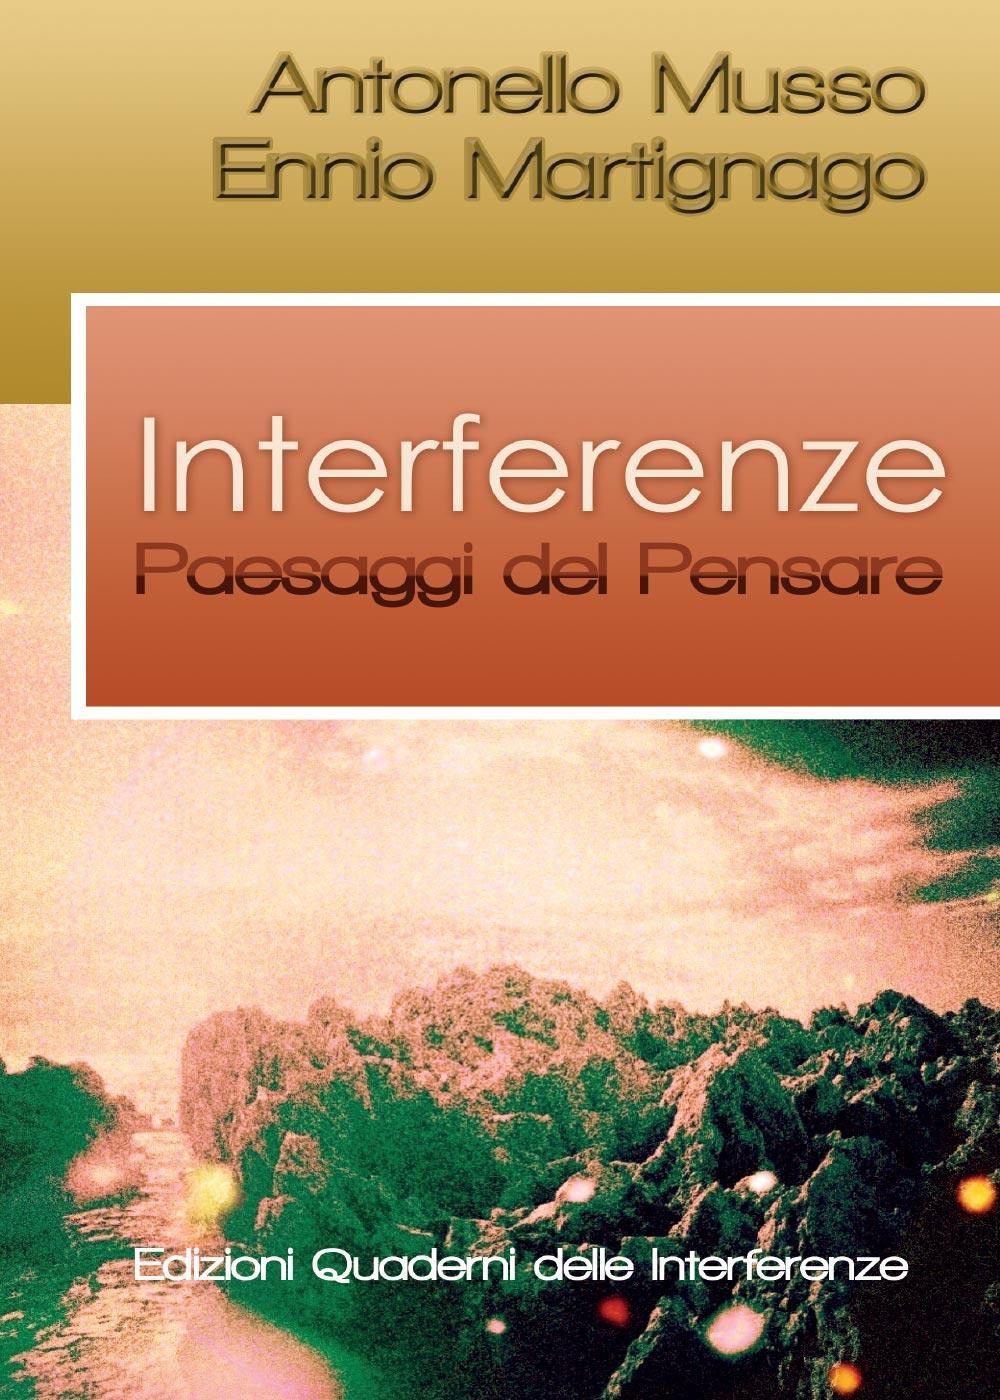 Interferenze - Paesaggi del pensare